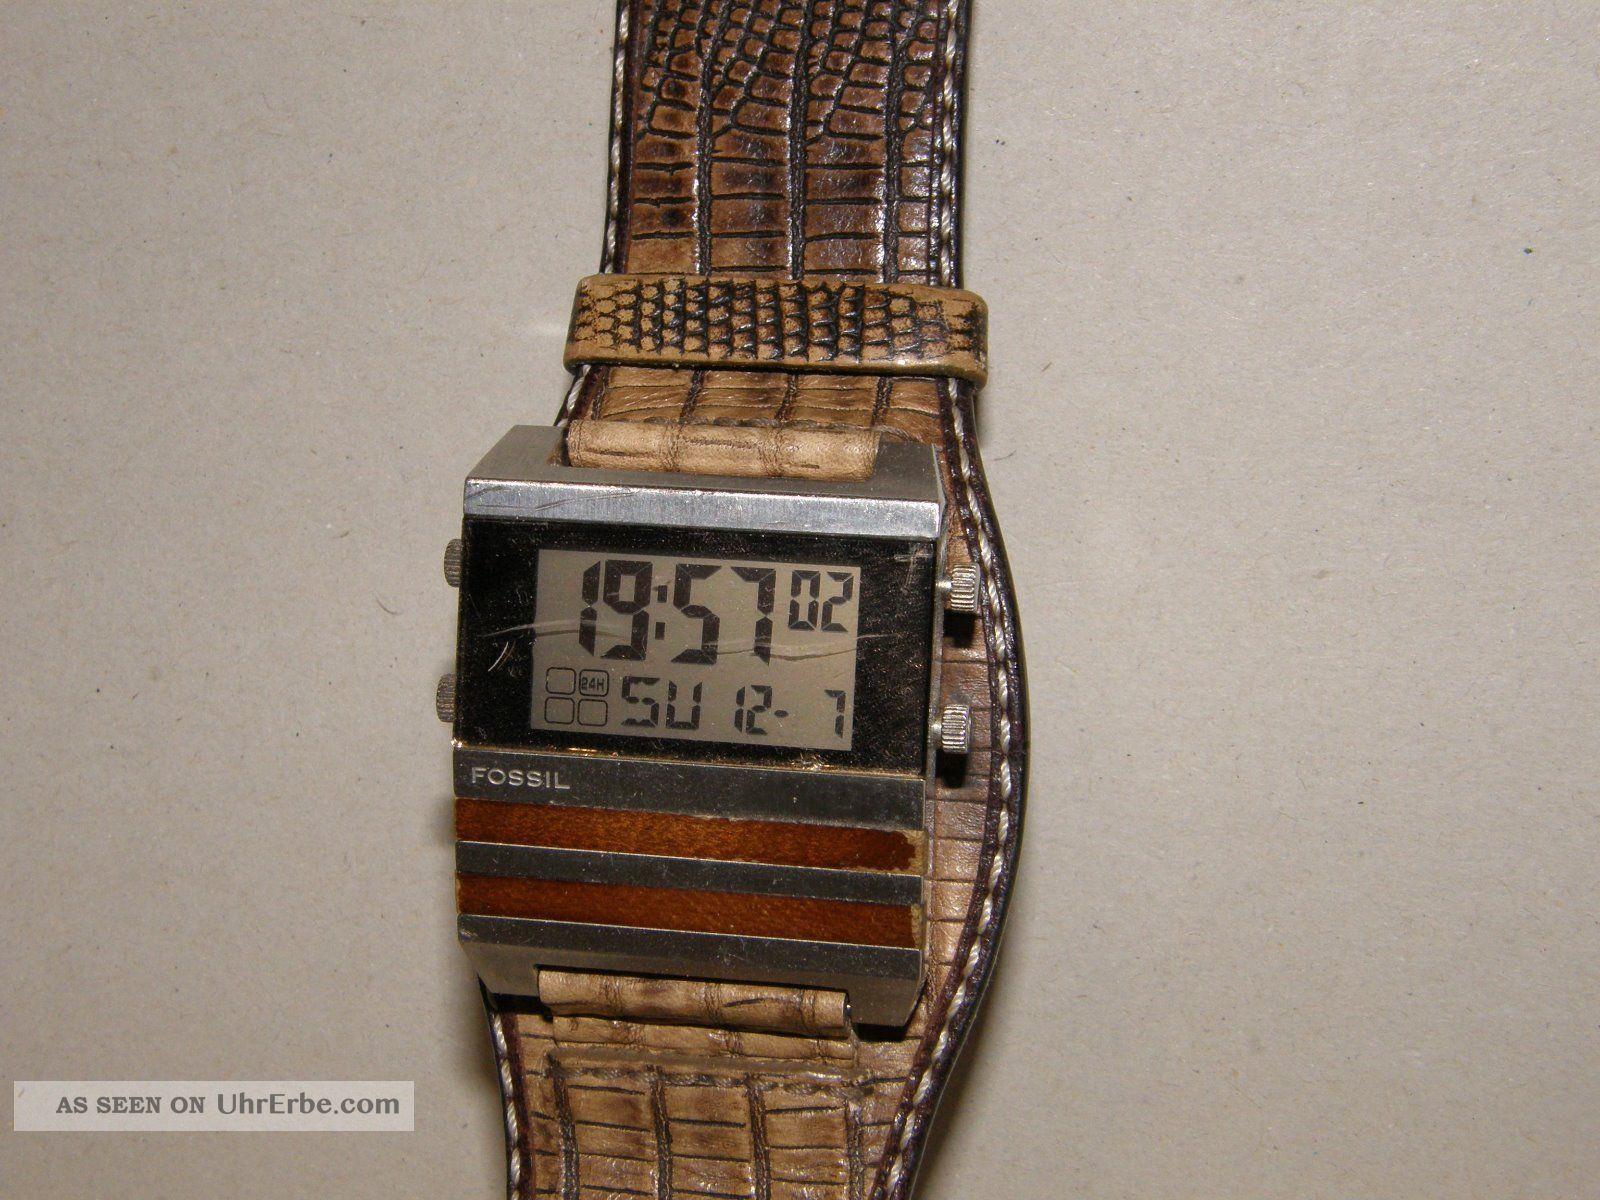 Fossil Jr - 9748 Armbanduhr Für Herren Digitaluhr Mit Neuer Batterie Armbanduhren Bild